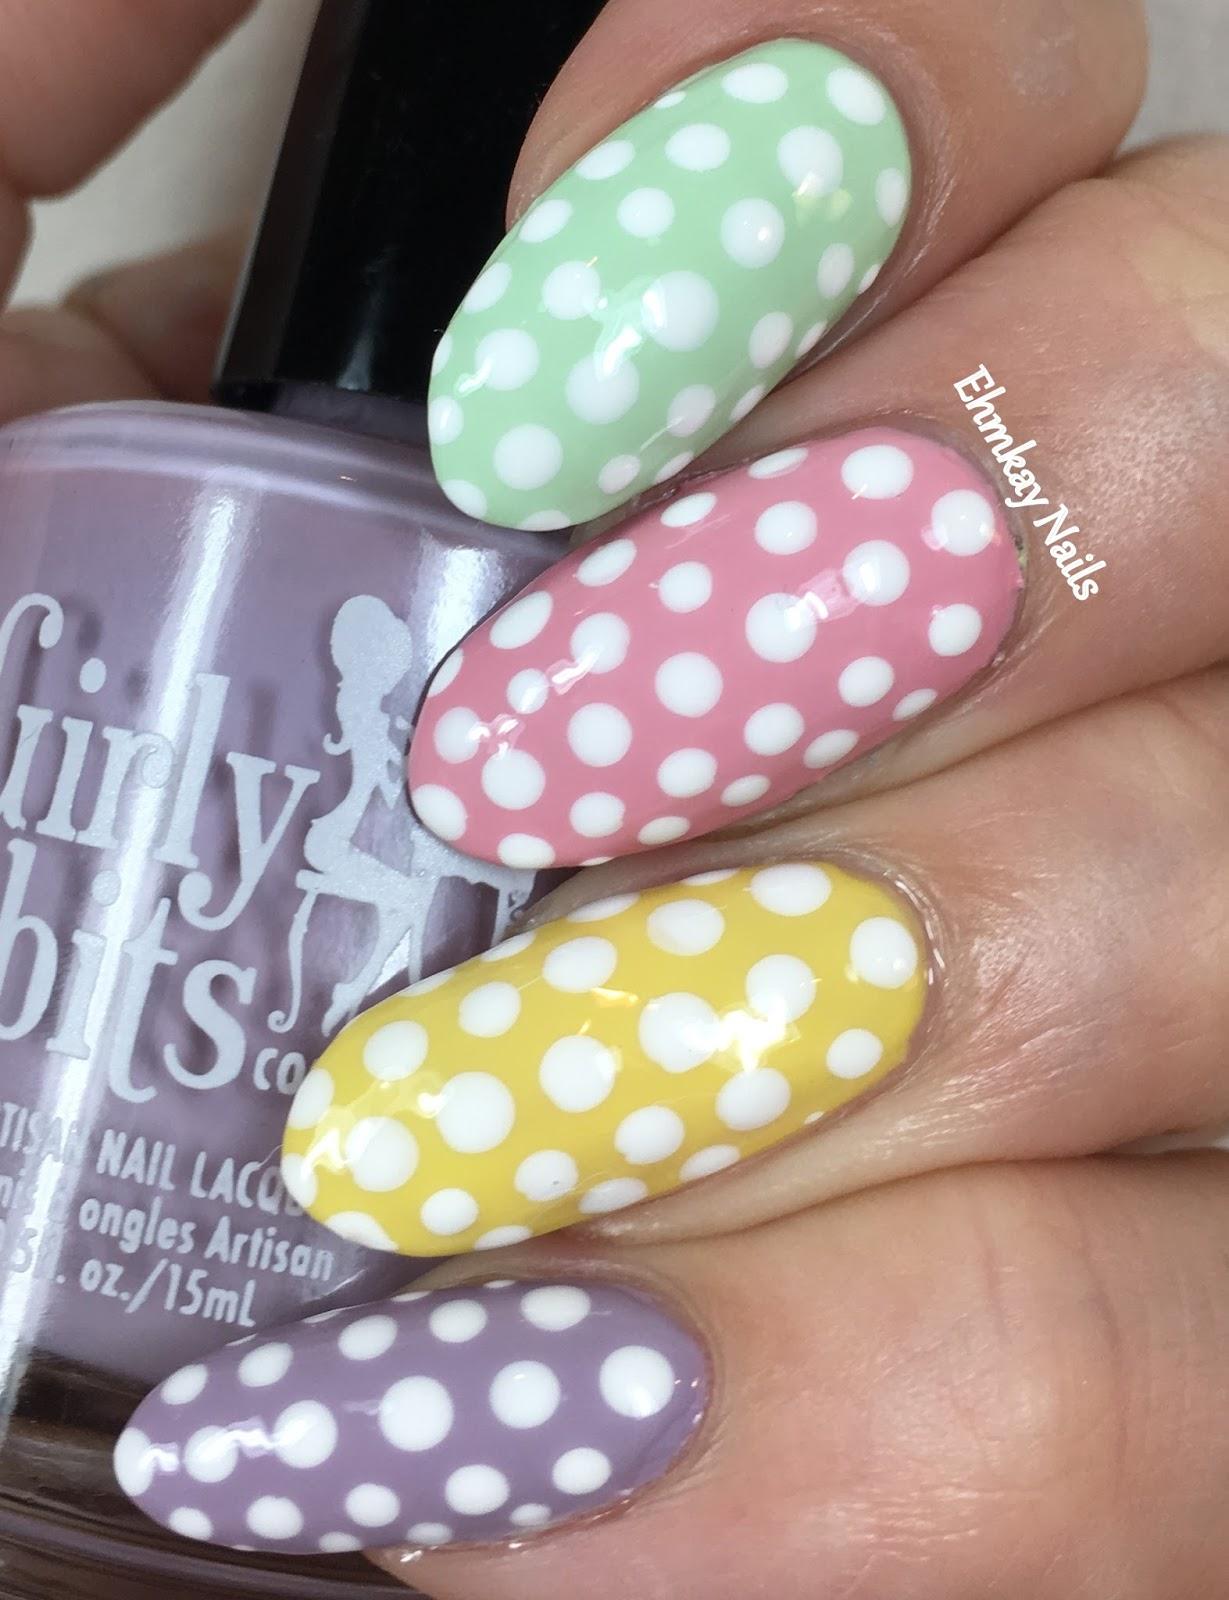 ehmkay nails: Easter Nail Art: Pastel Polka Dots